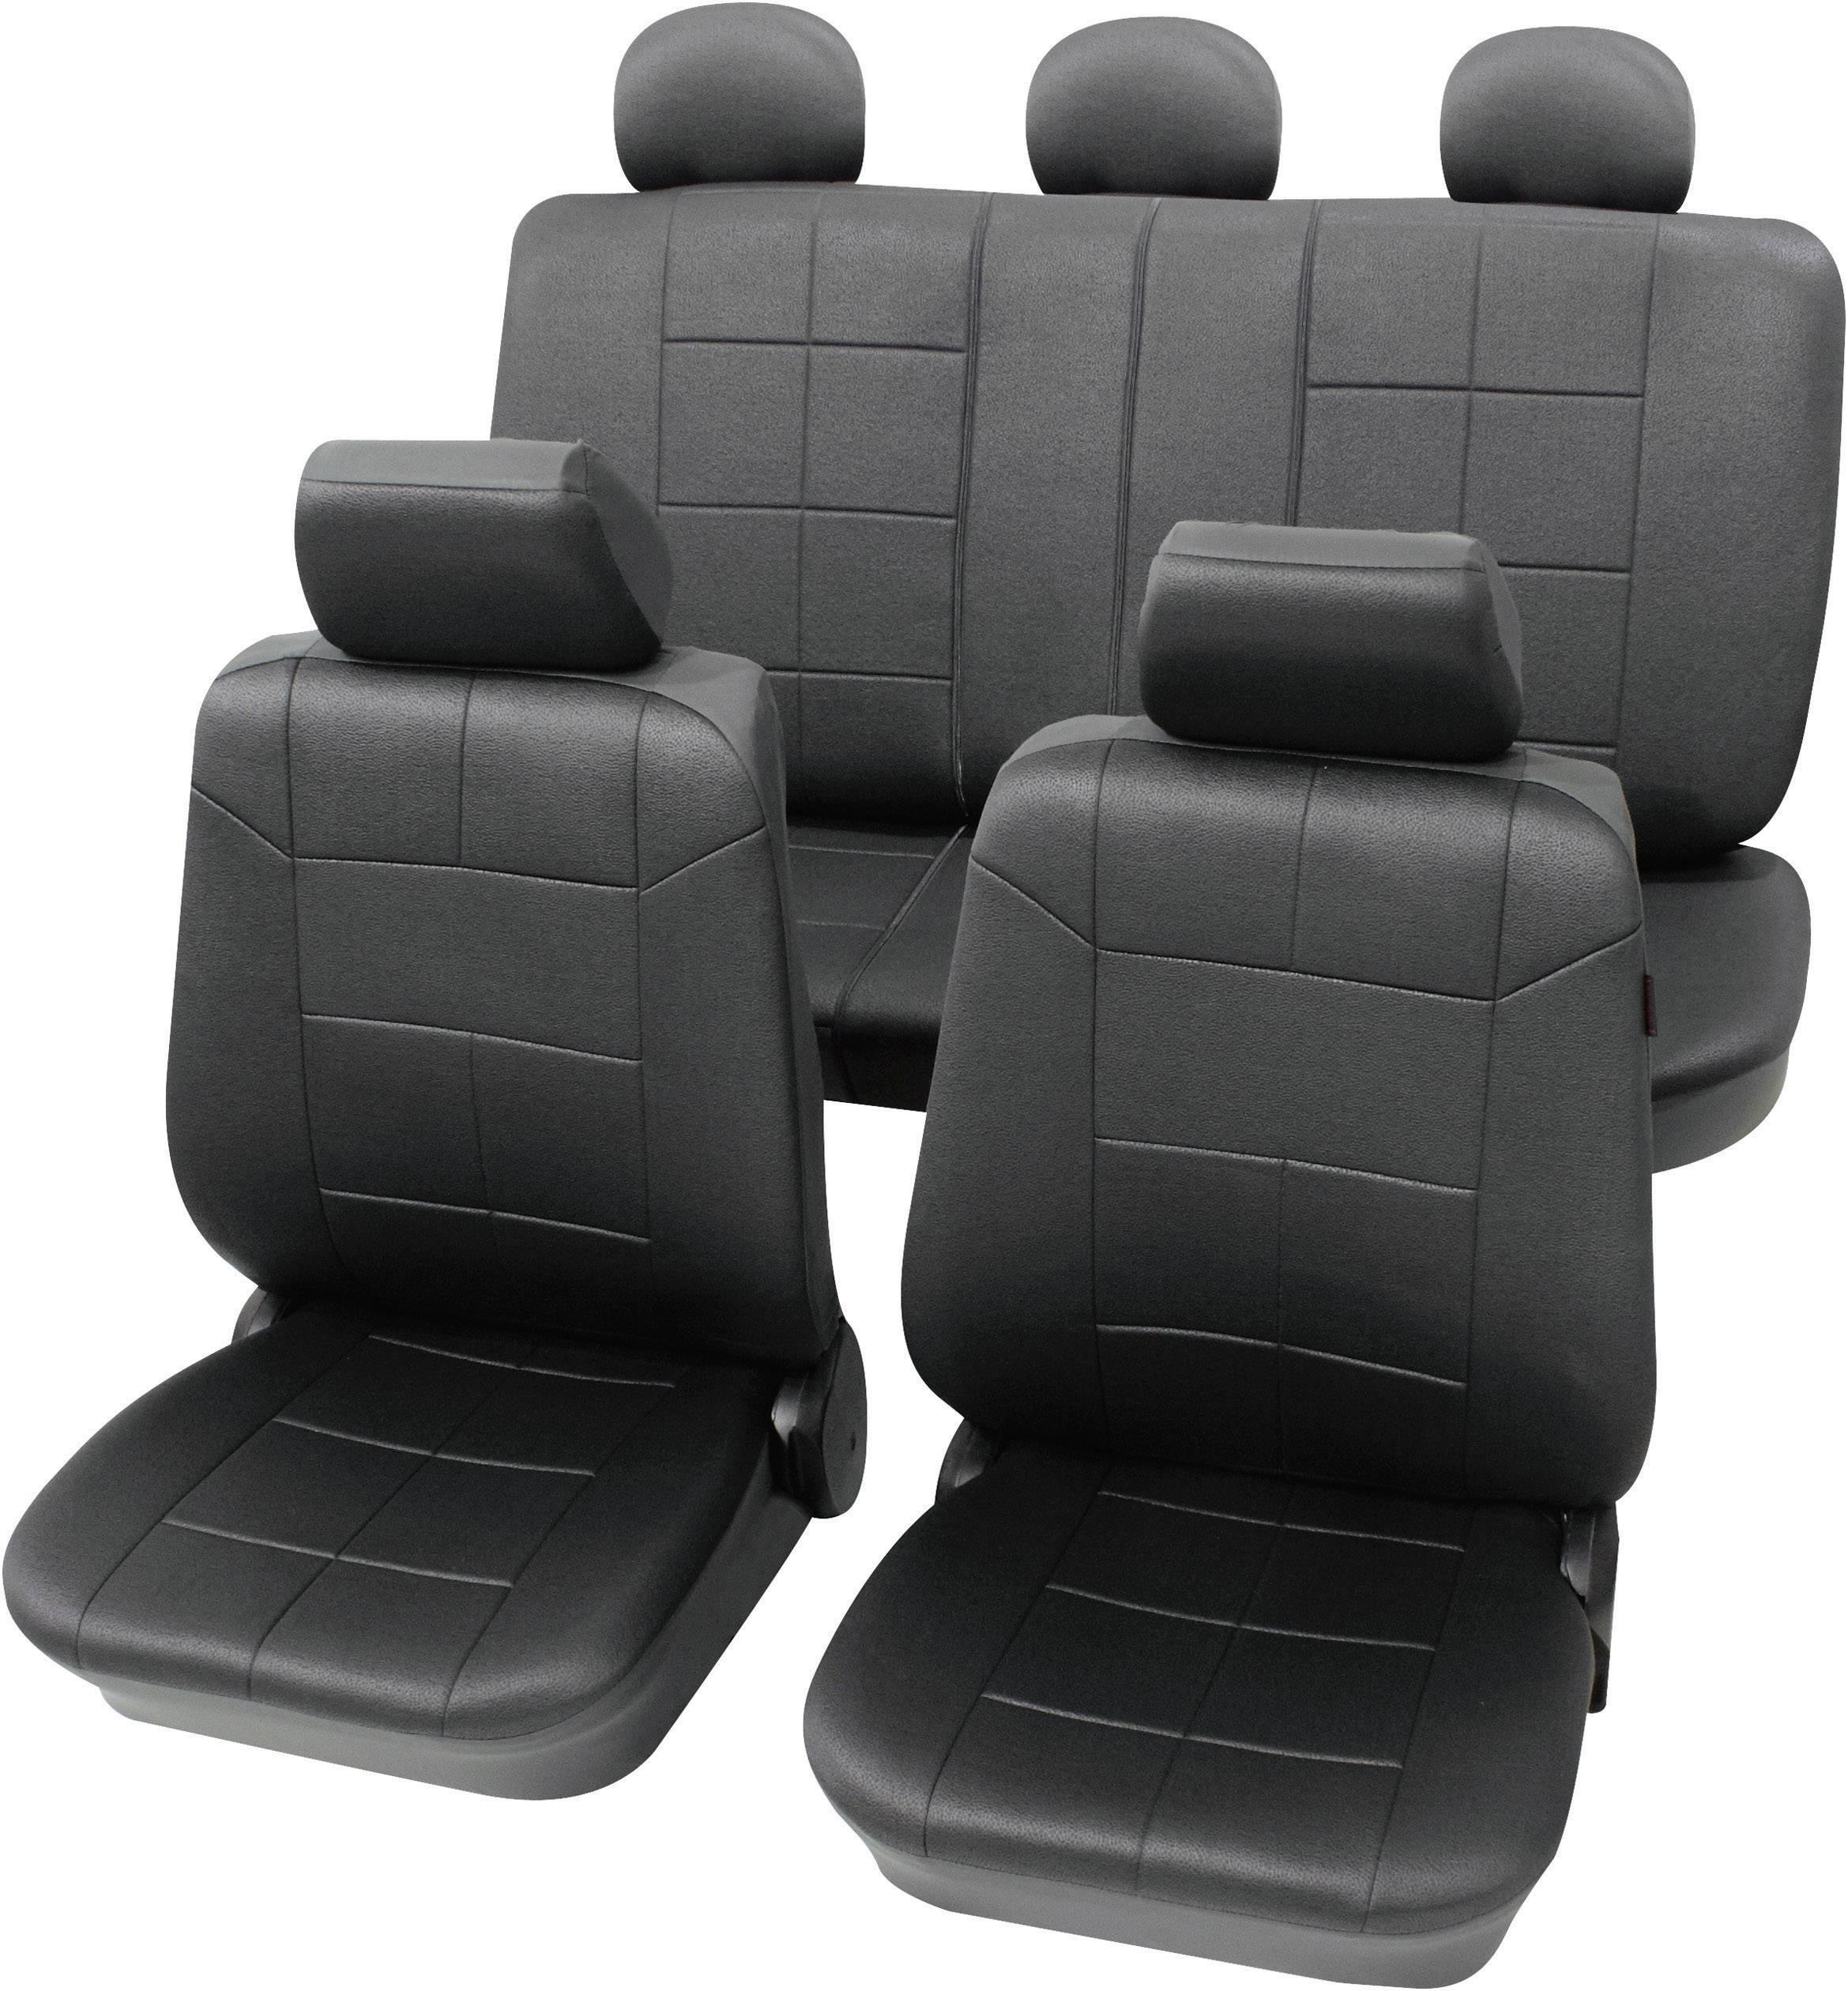 Autopoťahy Petex Dakar SAB 1 Vario Plus 22574901, 17-dielna, polyester, antracitová